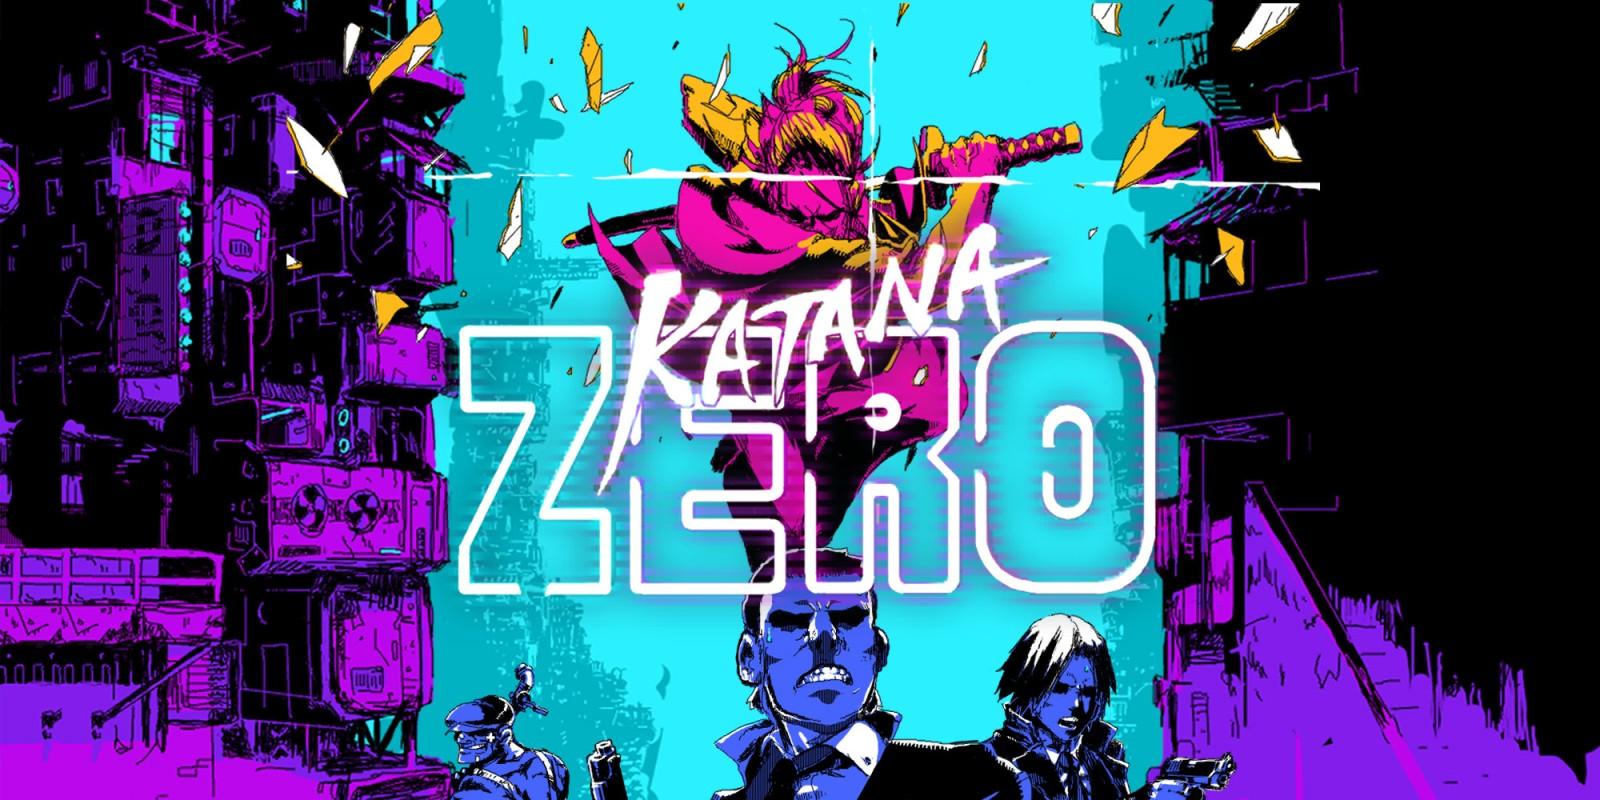 Weekly Video Game Track: Katana ZERO